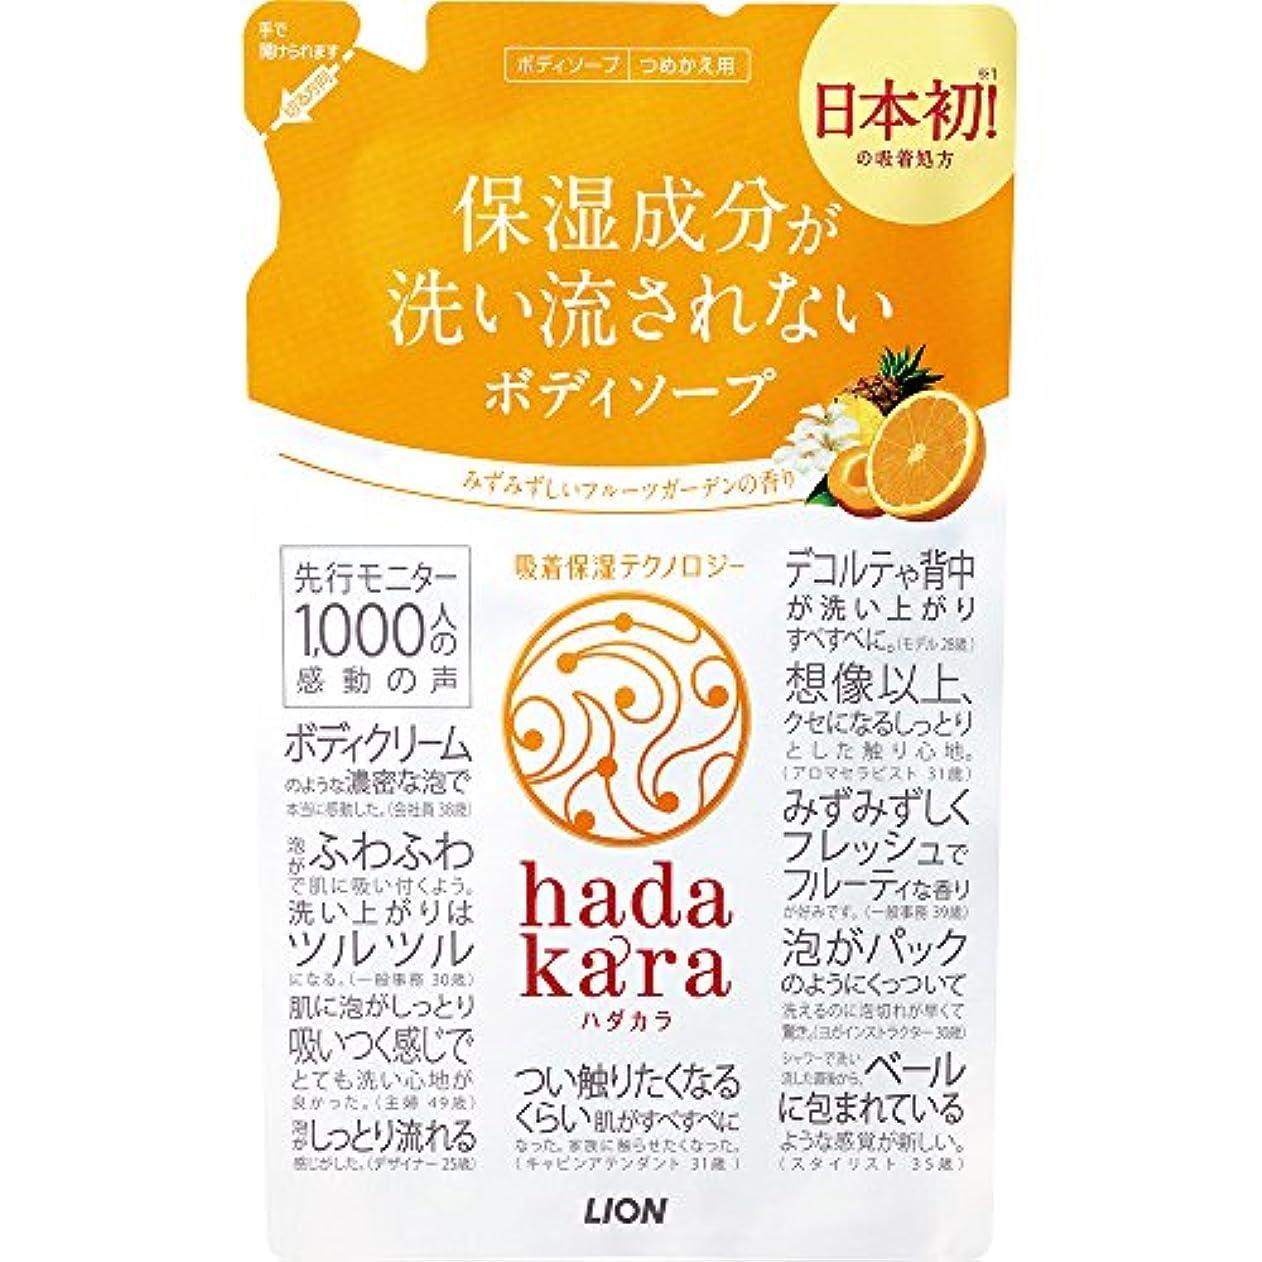 分注するリスト法王hadakara(ハダカラ) ボディソープ フルーツガーデンの香り 詰め替え 360ml